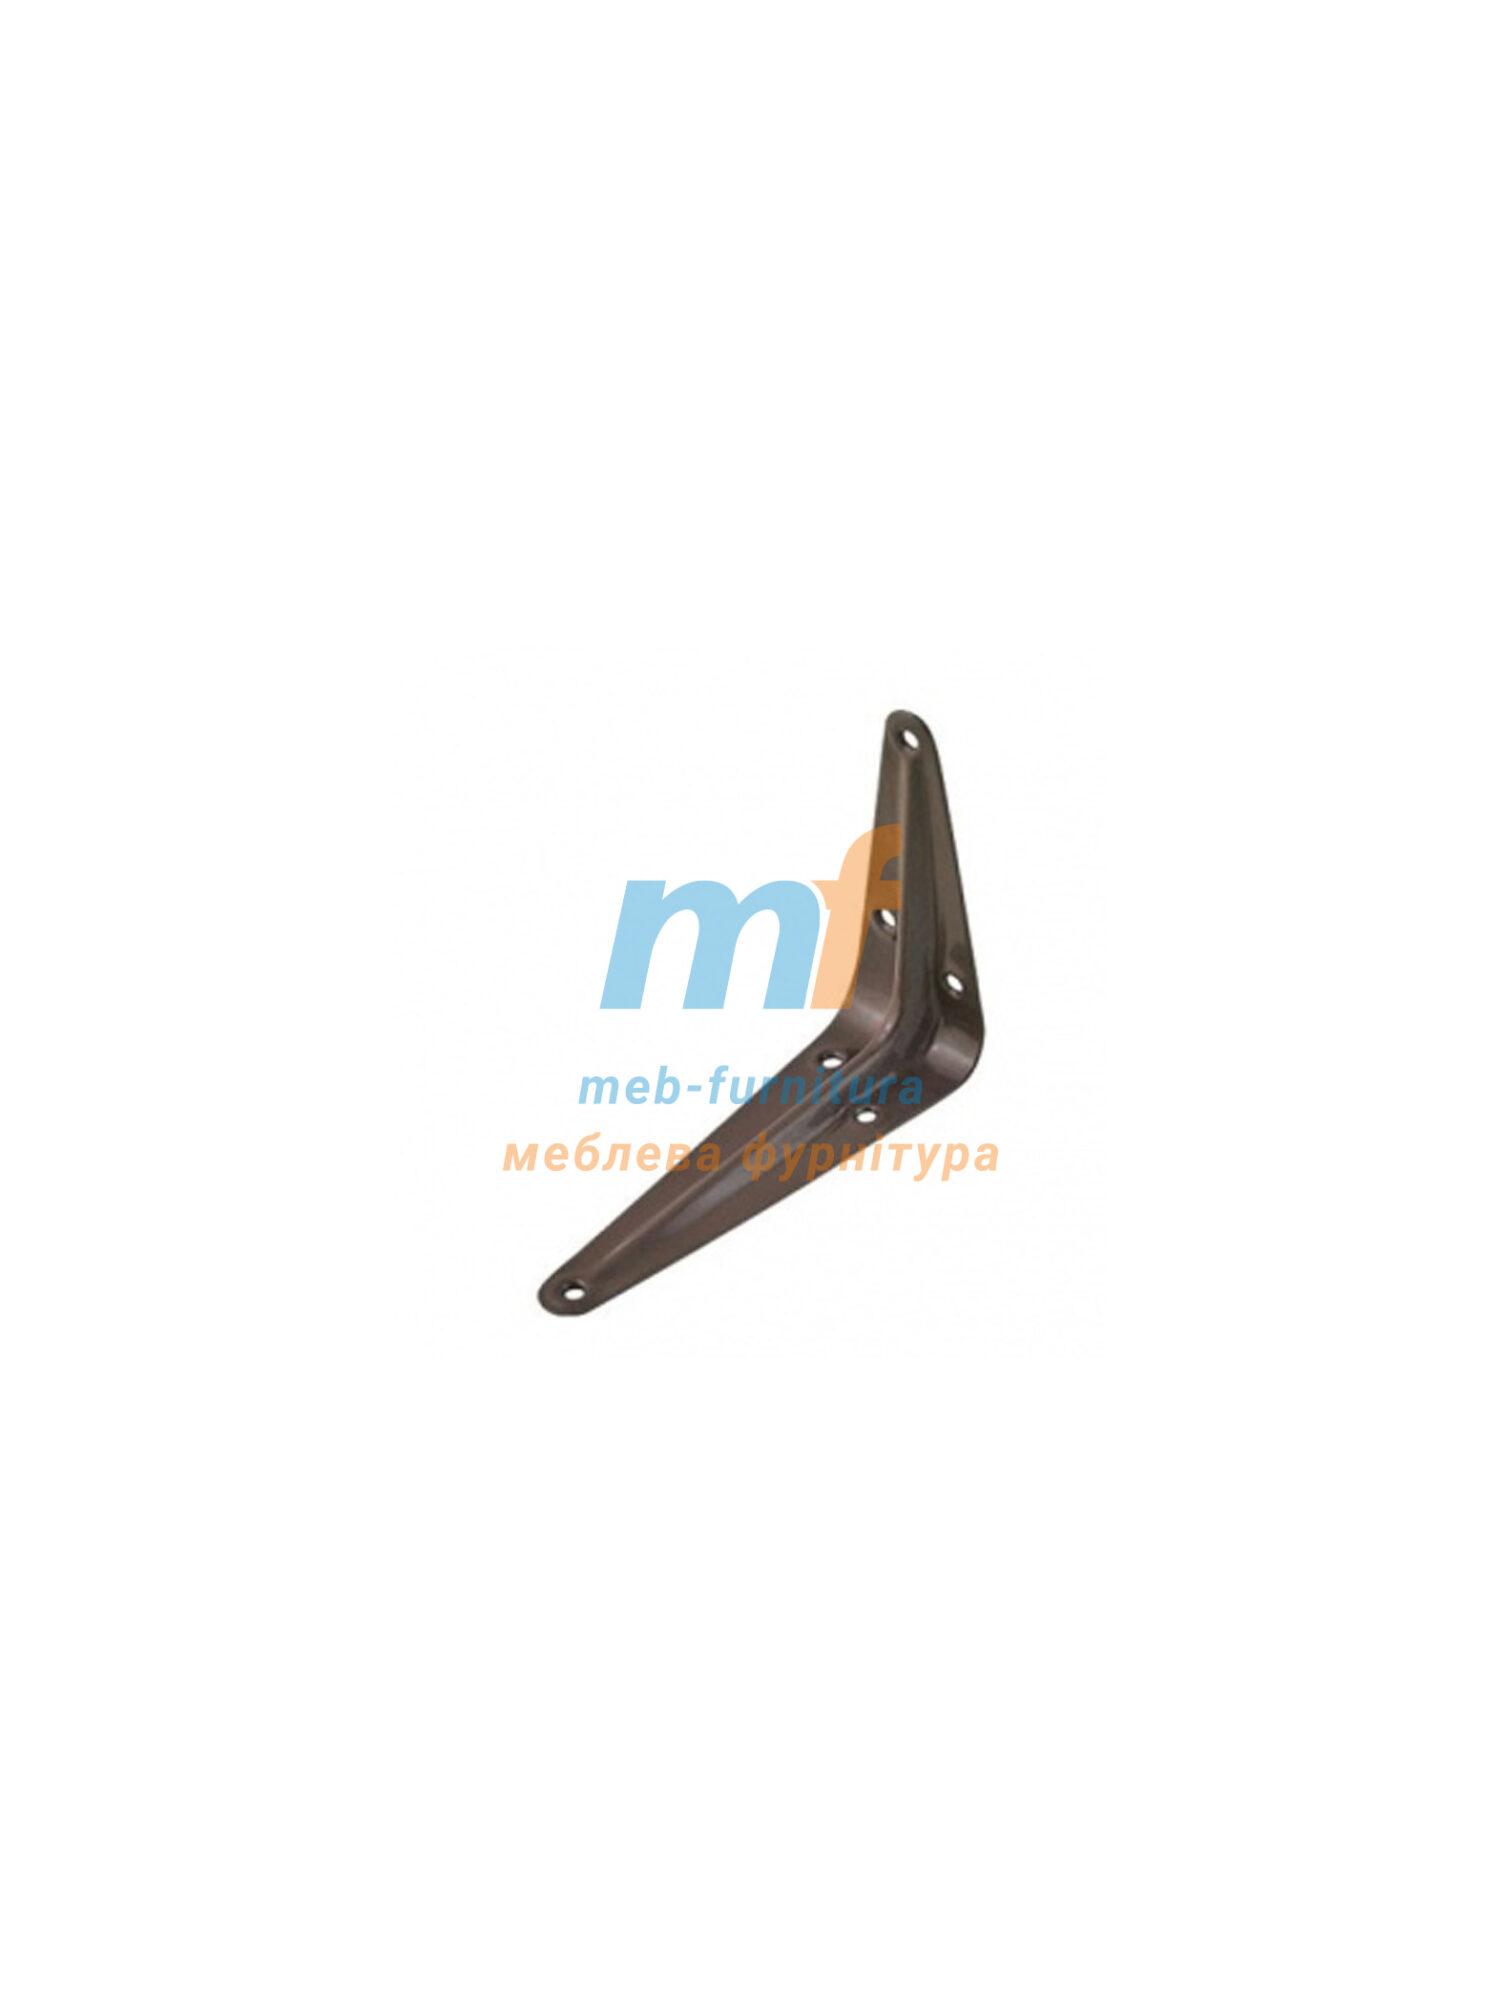 Консоль-полкодержатель металлический (6х8) 150х200мм коричневый Польша